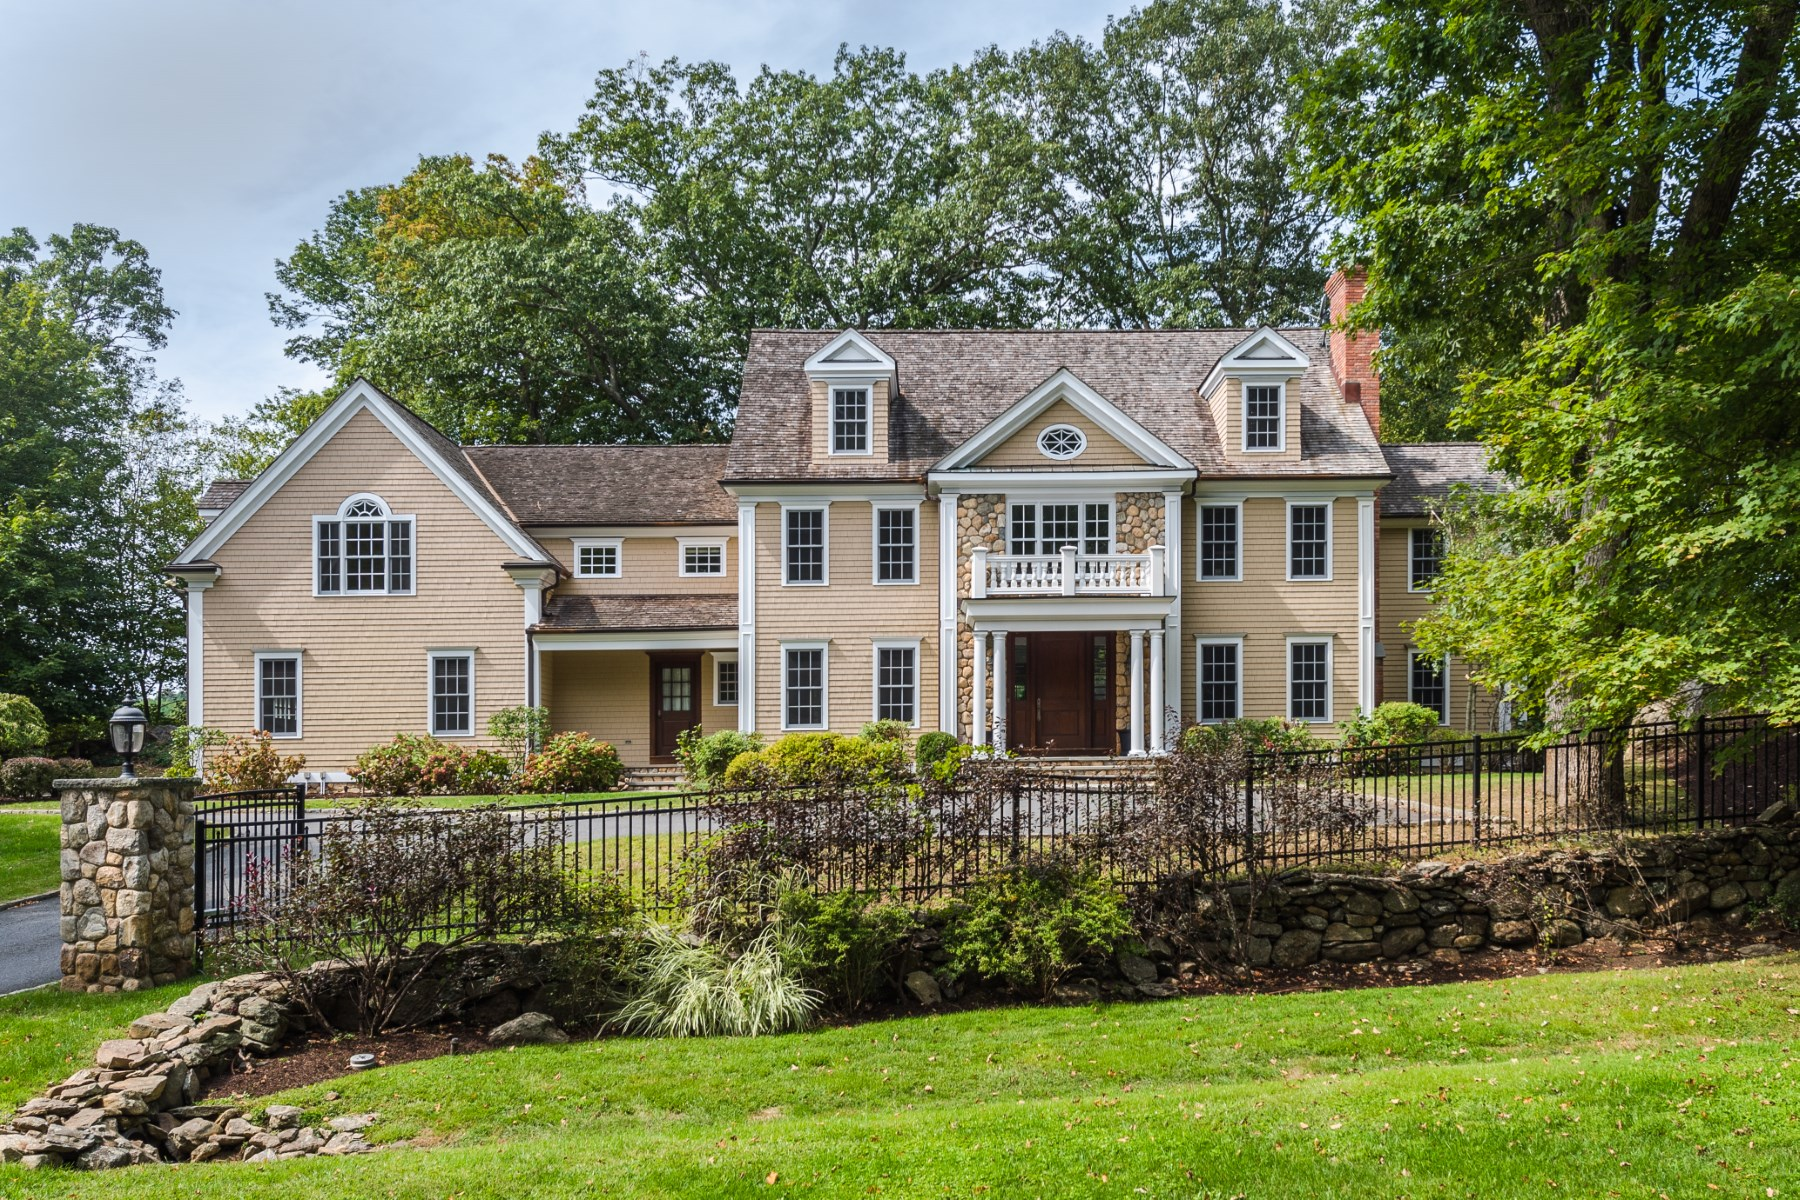 Maison unifamiliale pour l Vente à 19 Thunder Mountain Road Greenwich, Connecticut, 06831 États-Unis